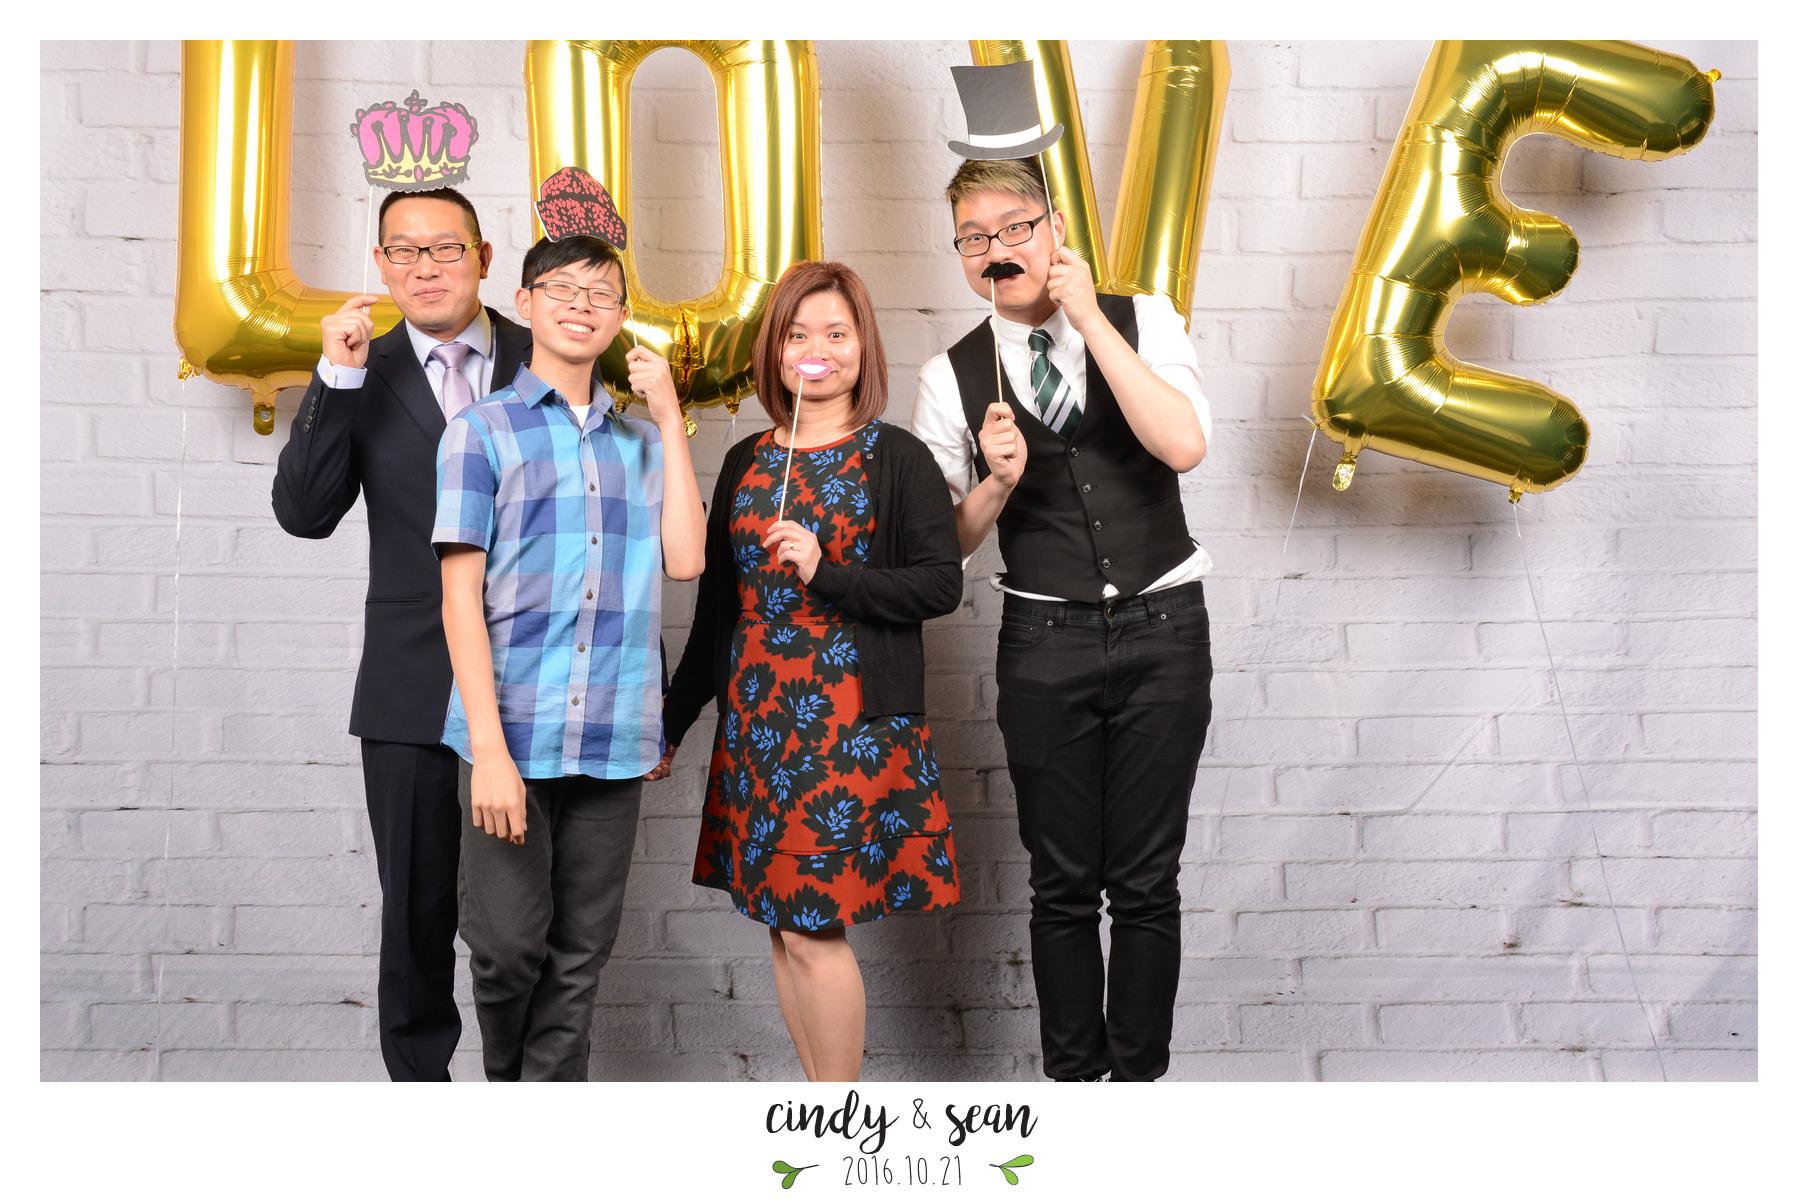 Cindy Sean Bae - 0001-35.jpg